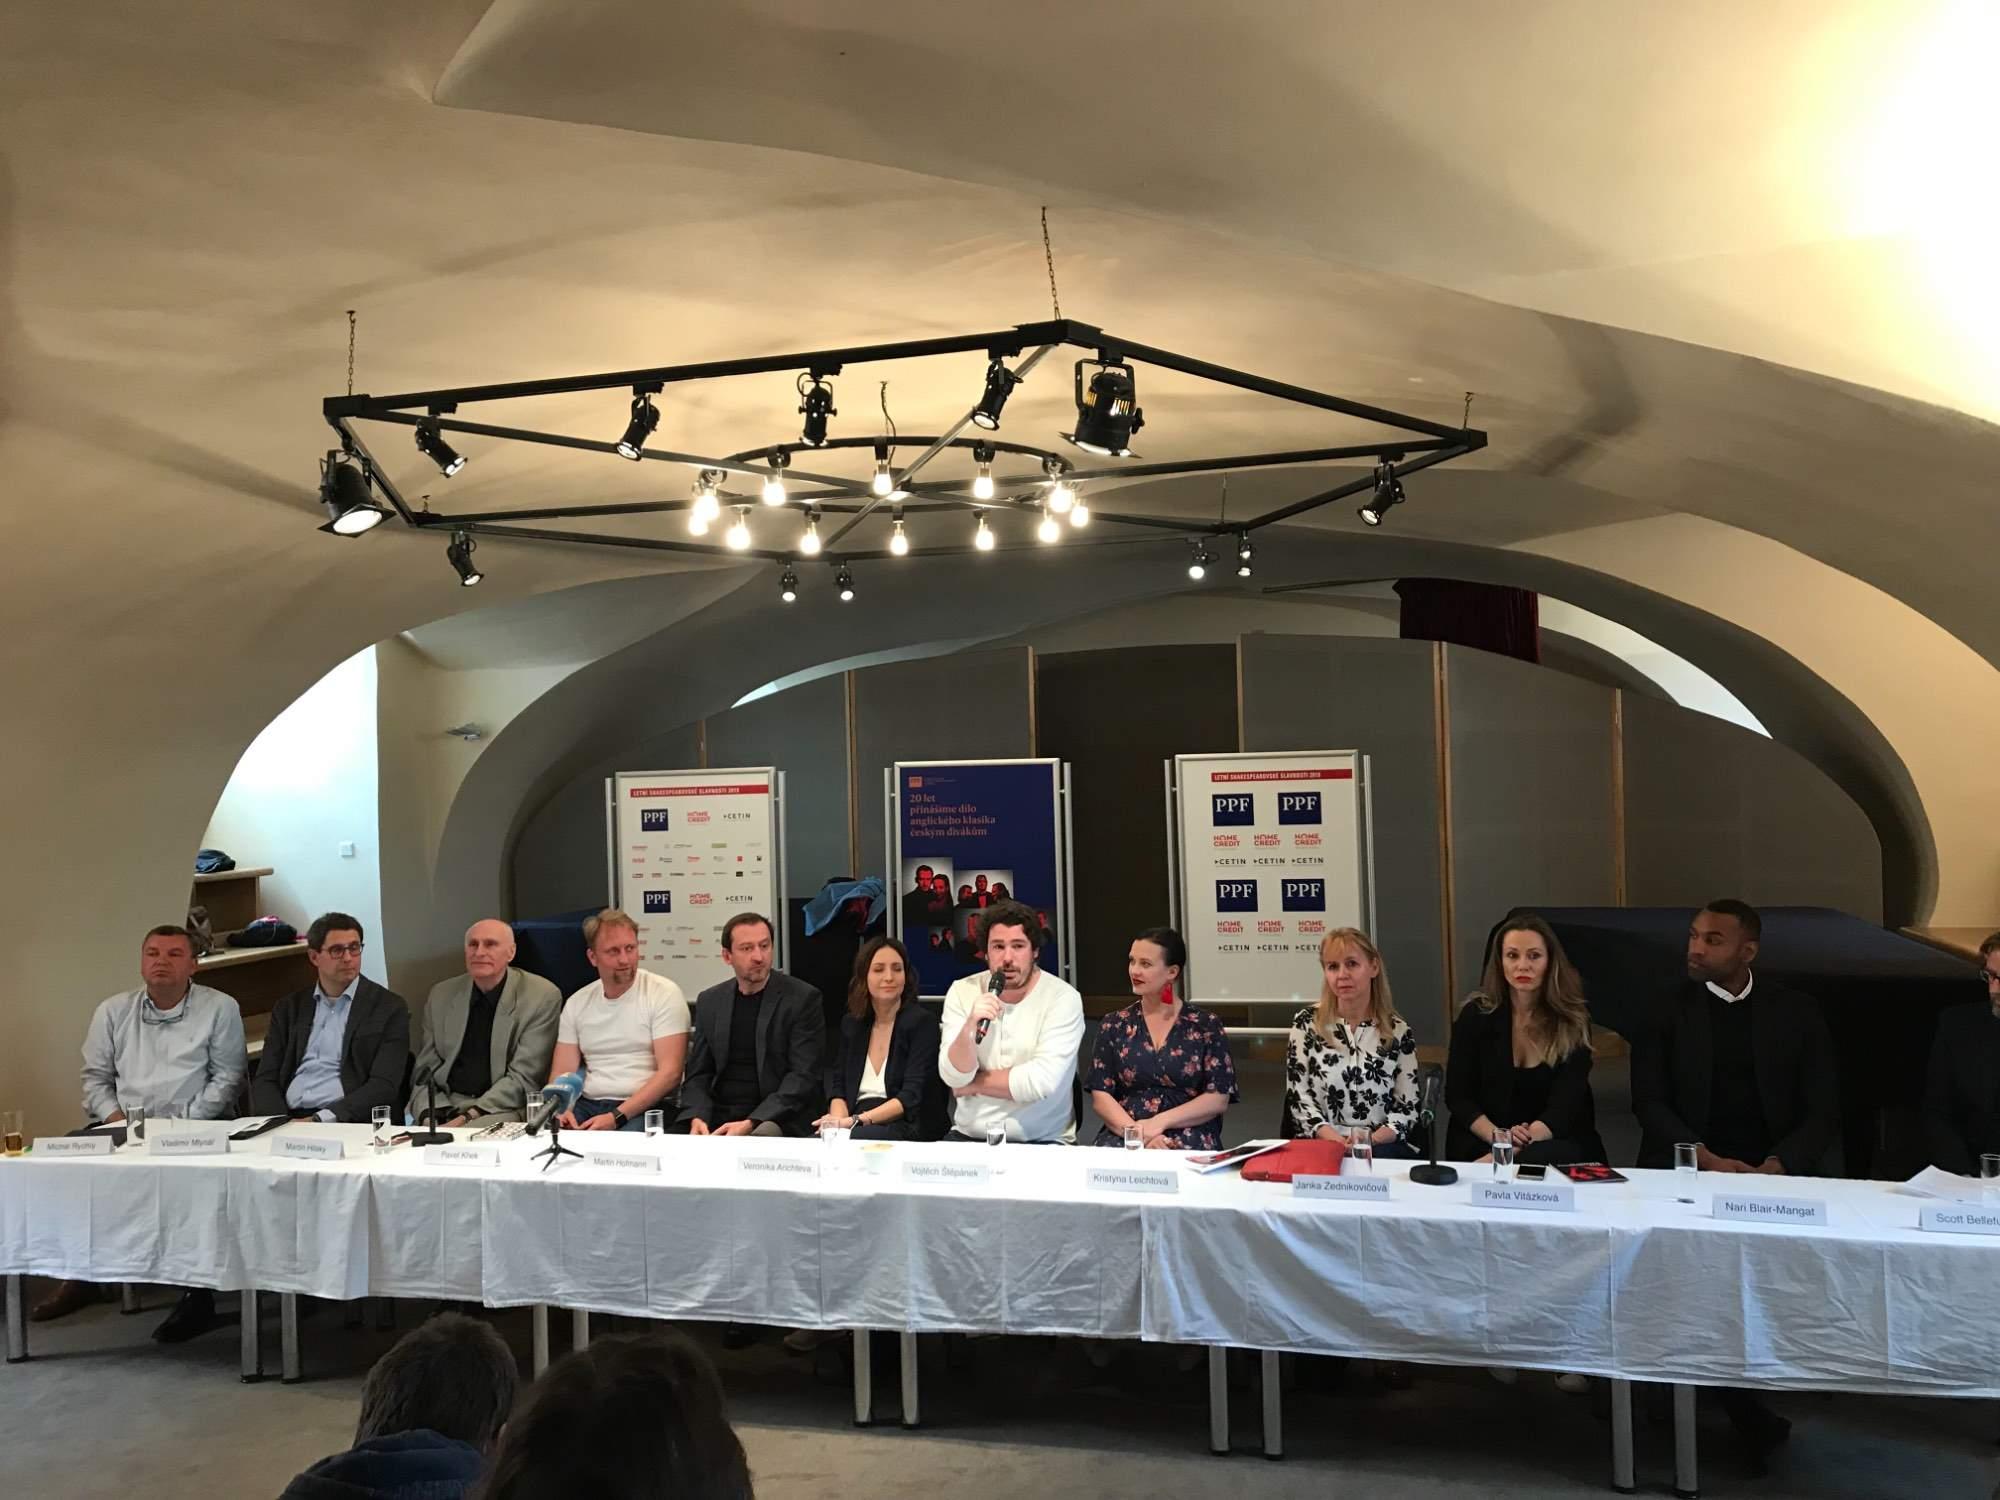 Na tiskové konferenci k letošnímu ročníku Shakespearovských slavností nechyběl překladatel Martin Hilský (třetí zleva), režiséři Pavel Khek (čtvrtý zleva) a Vojtěch Štěpánek (s mikrofonem) nebo herci Martin Hofmann (pátý zleva) a Veronika Arichteva (šestá zleva)